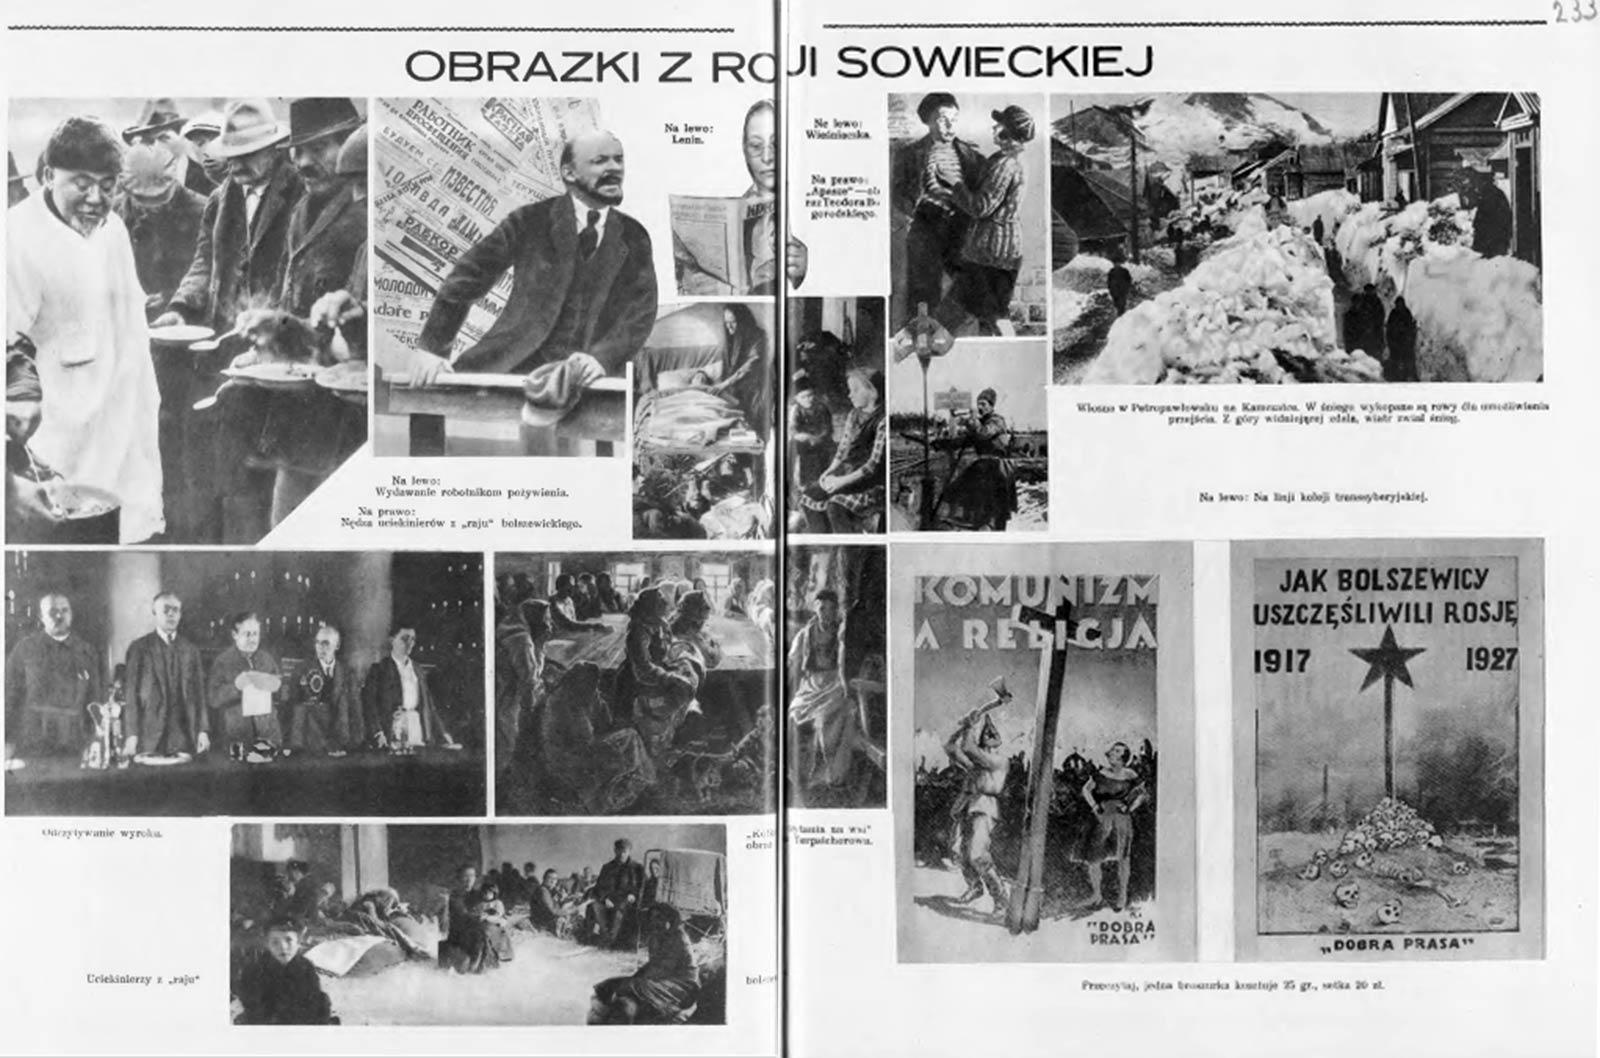 Źródło: Gość Niedzielny - 1930 r.